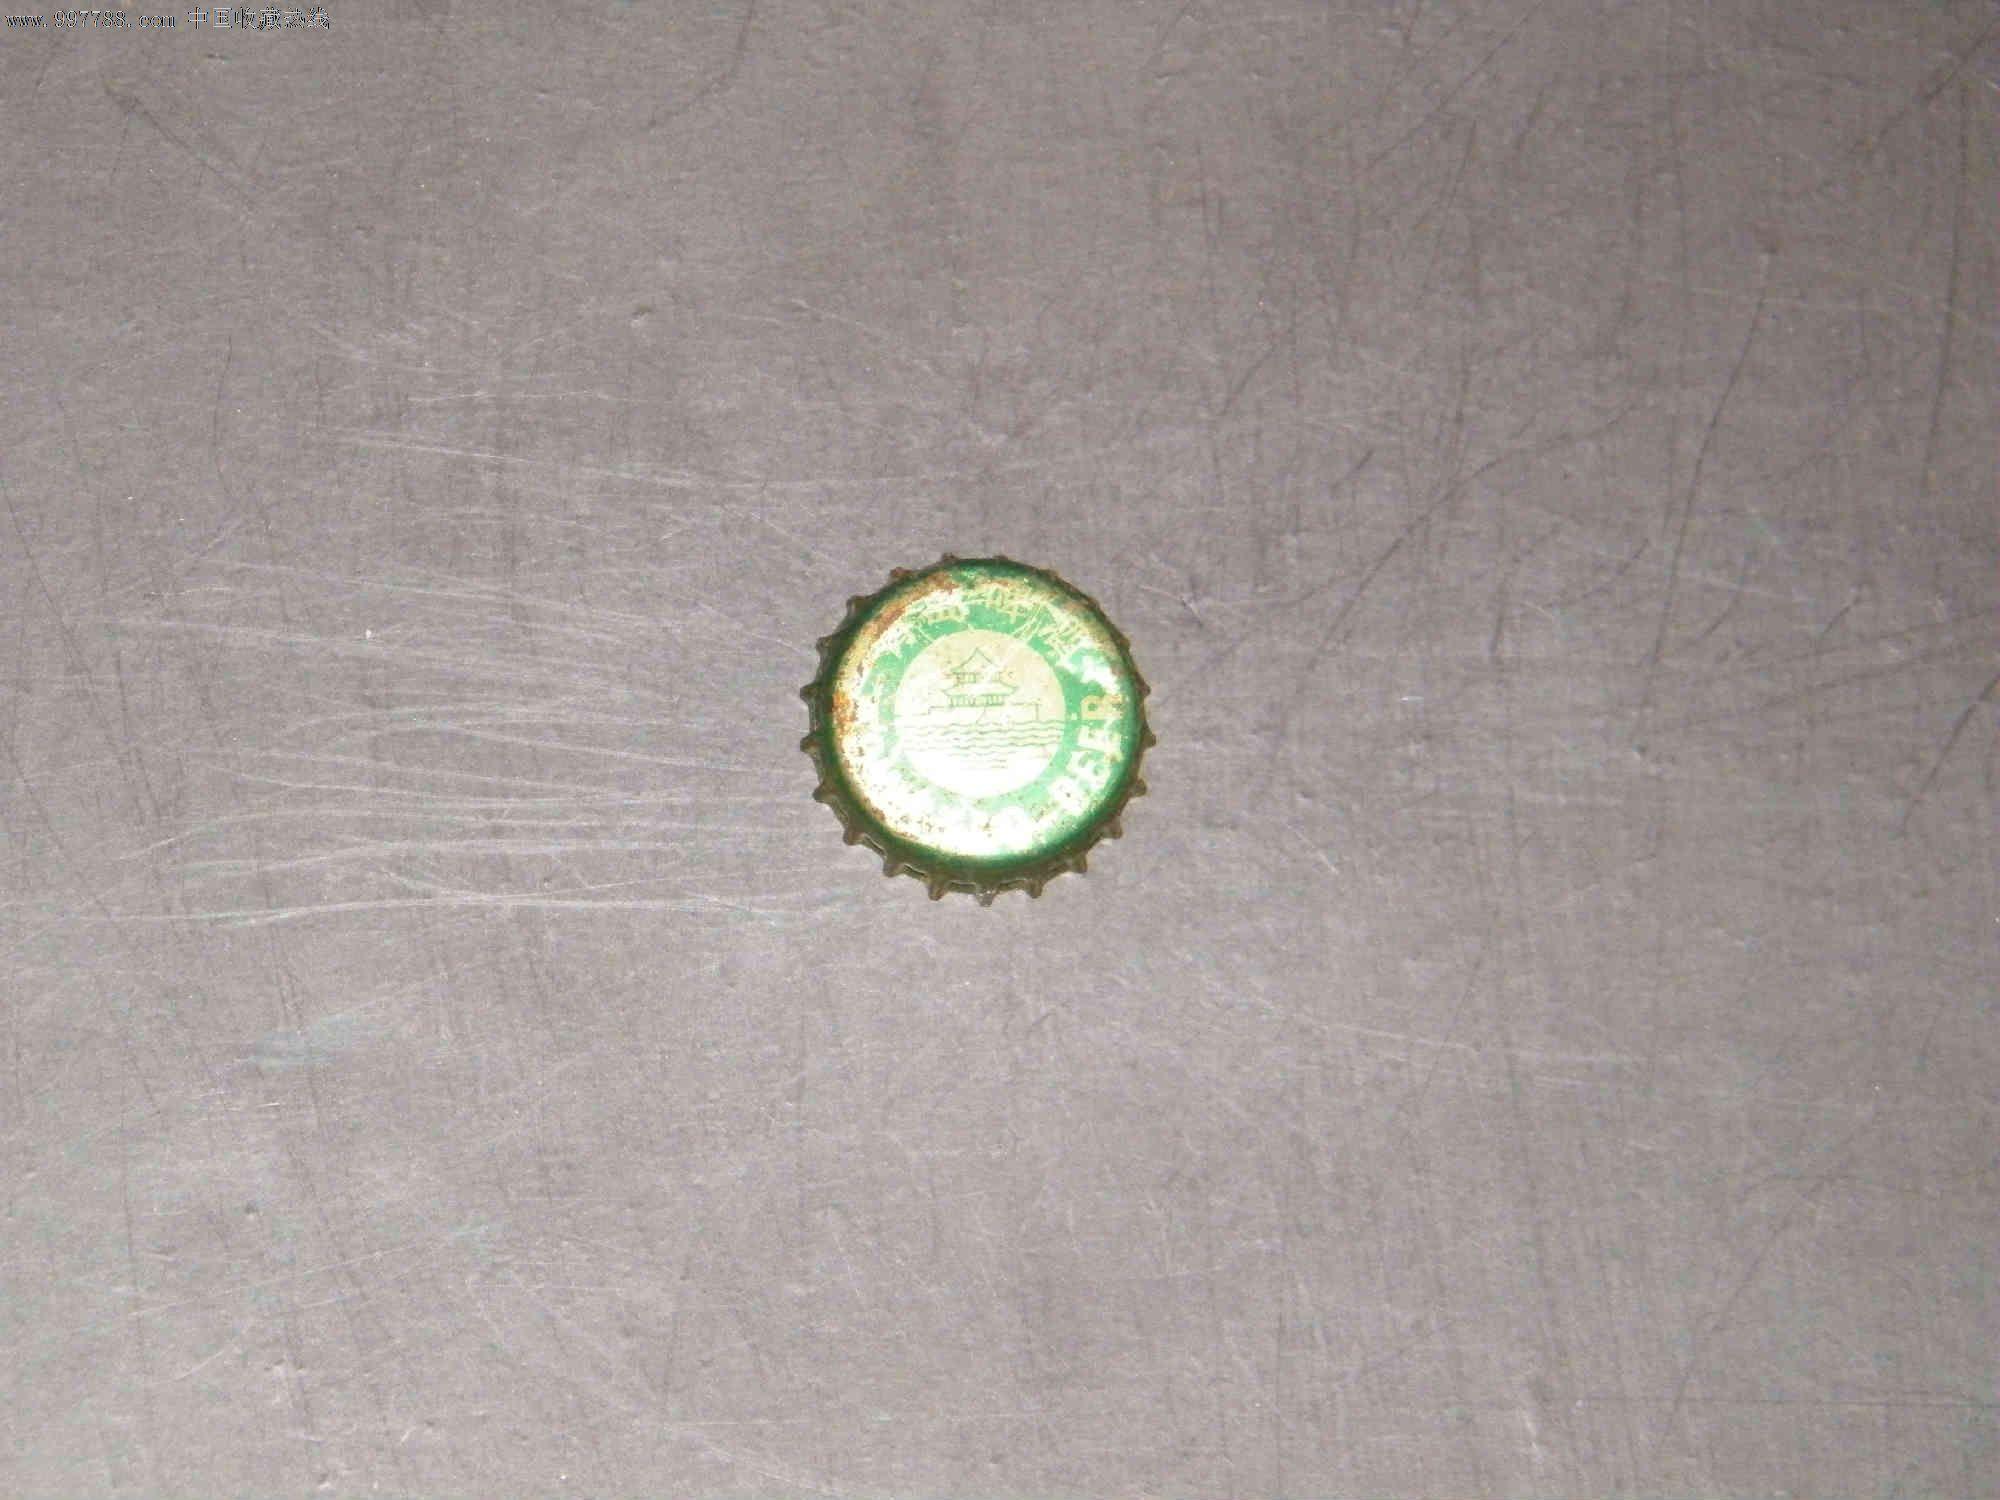 青岛啤酒瓶瓶盖(青啤山东荣城公司)